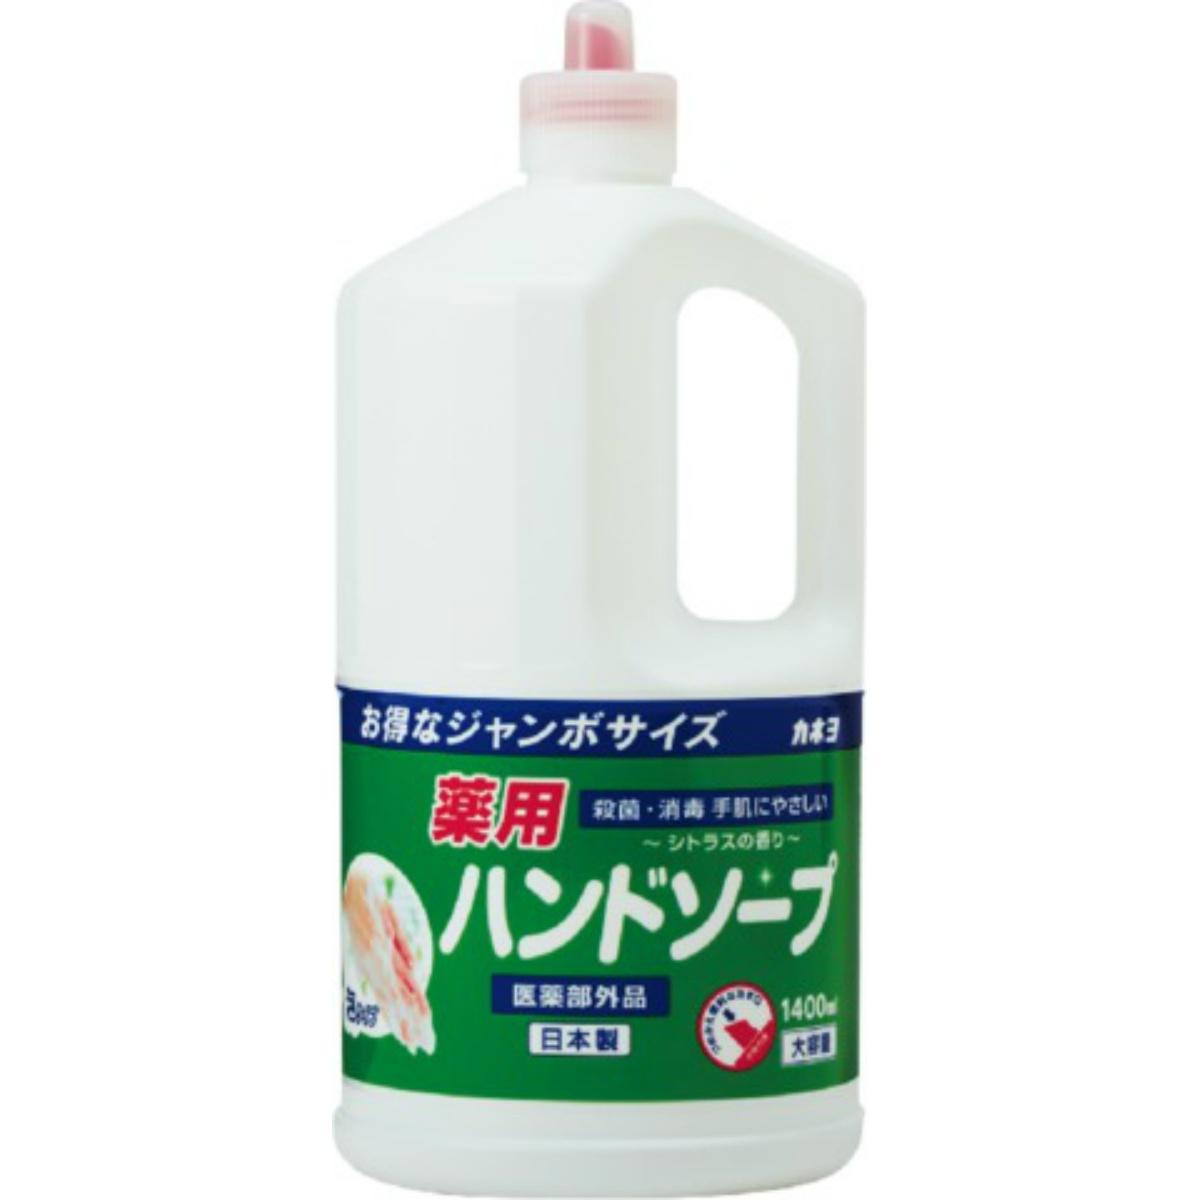 お得なジャンボサイズ 液体ハンドソープ 泡ハンドソープとしても利用可能 4901329500065 カネヨ ハンドソープ お値打ち価格で 贈物 1400ml 薬用